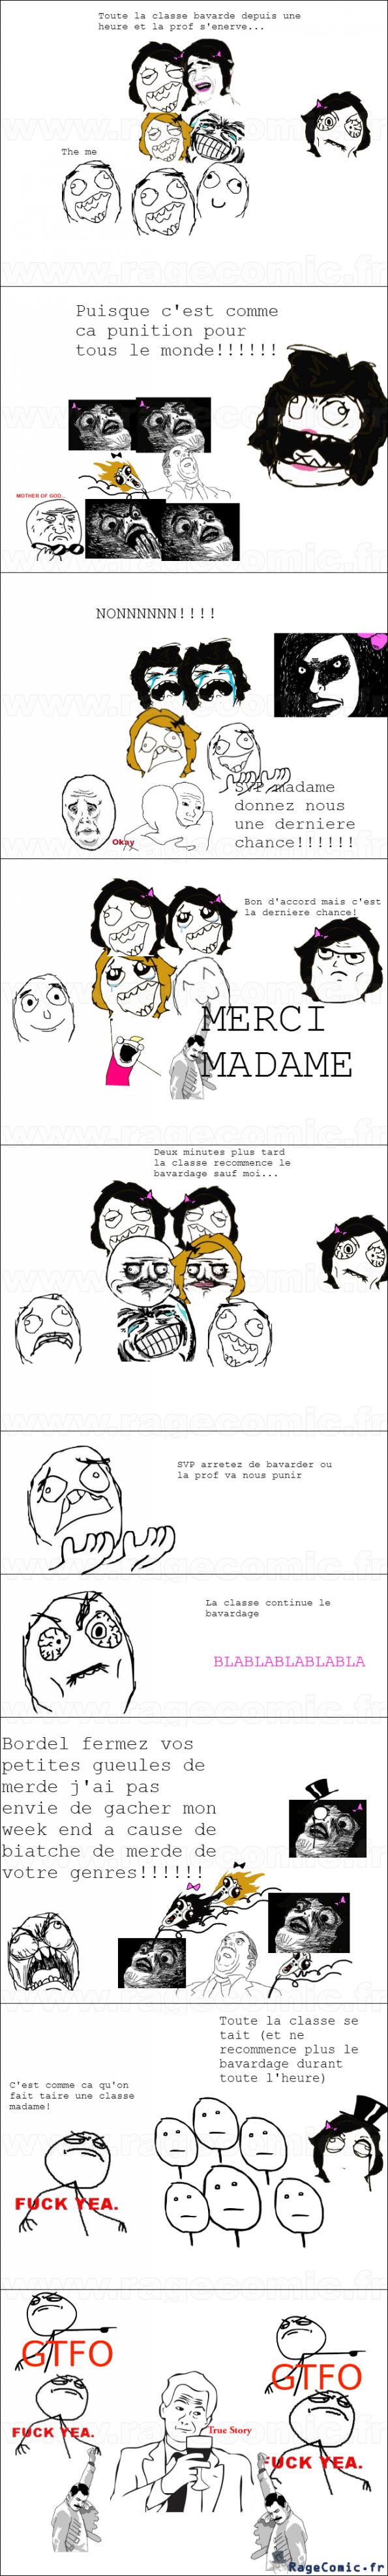 Tuto a l'attention des profs